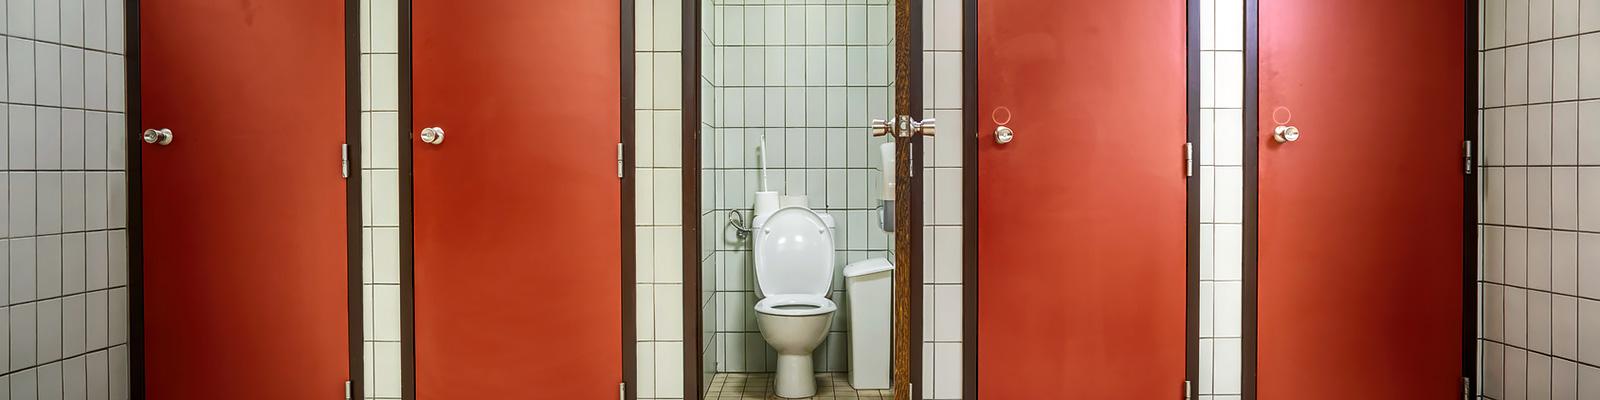 公衆トイレ イメージ